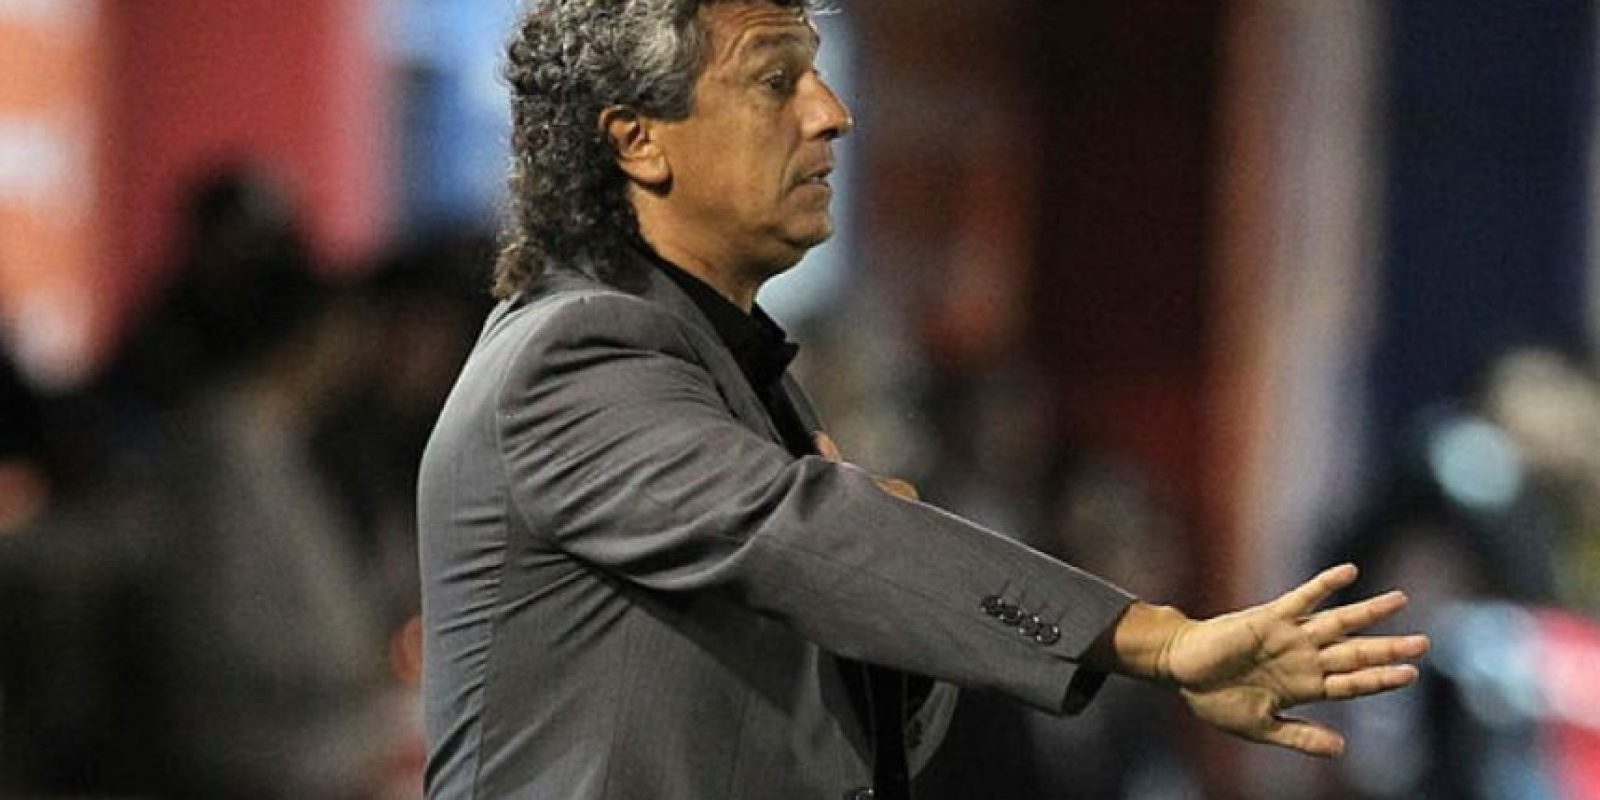 El 'gaucho' es, posiblemente, el entrenador con menor perfil de los 4 que supuestamente son opcionados para llegar a Millonarios. Nunca ha obtenido ningún título de primera división. Ha dirigido 9 clubes en Argentina y uno en segunda división de España. Sus máximos logros han sido llegar al subcampeonato de la Copa Sudamericana con Tigre en 2012 (Eliminanndo a Millonarios en semifinales) y ascender con Argentinos Juniors para la presente temporada. Gorosito en la actualidad es DT de Argentinos Juniors que marcha en la posición 20 del fútbol argentino. Foto:Archivo Getty Images.